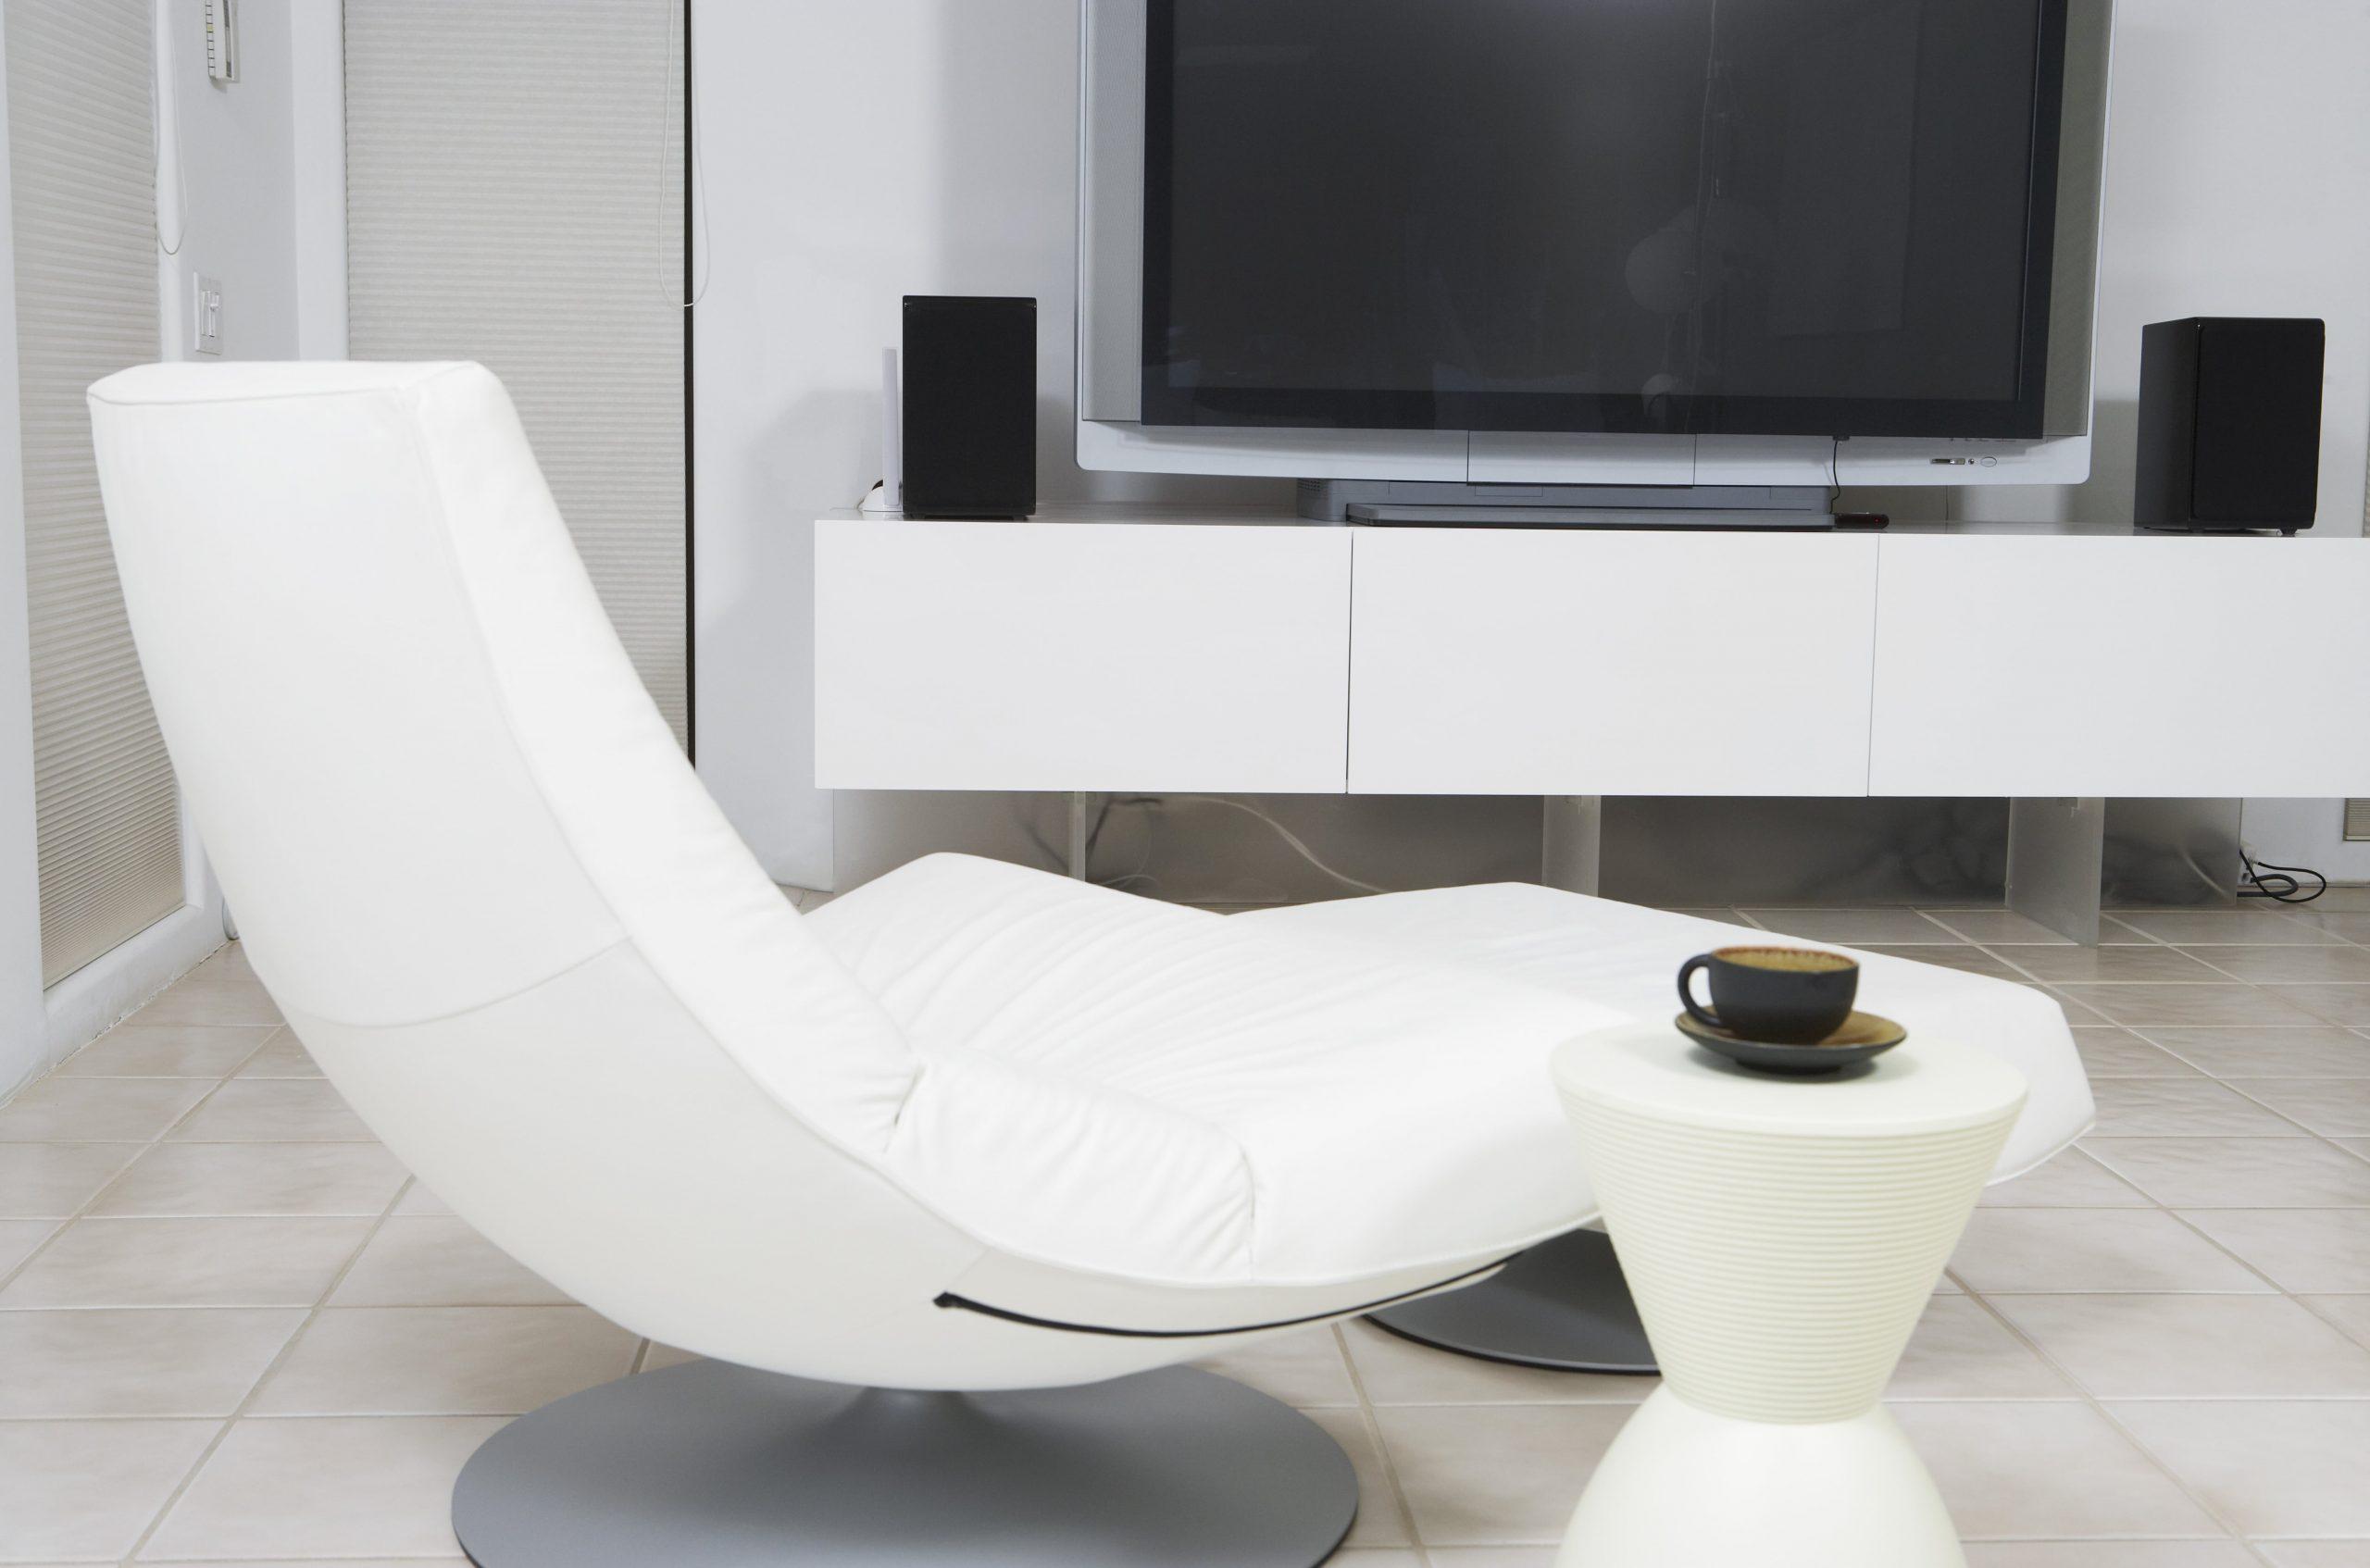 דגשים לבחירת רהיטים לבית